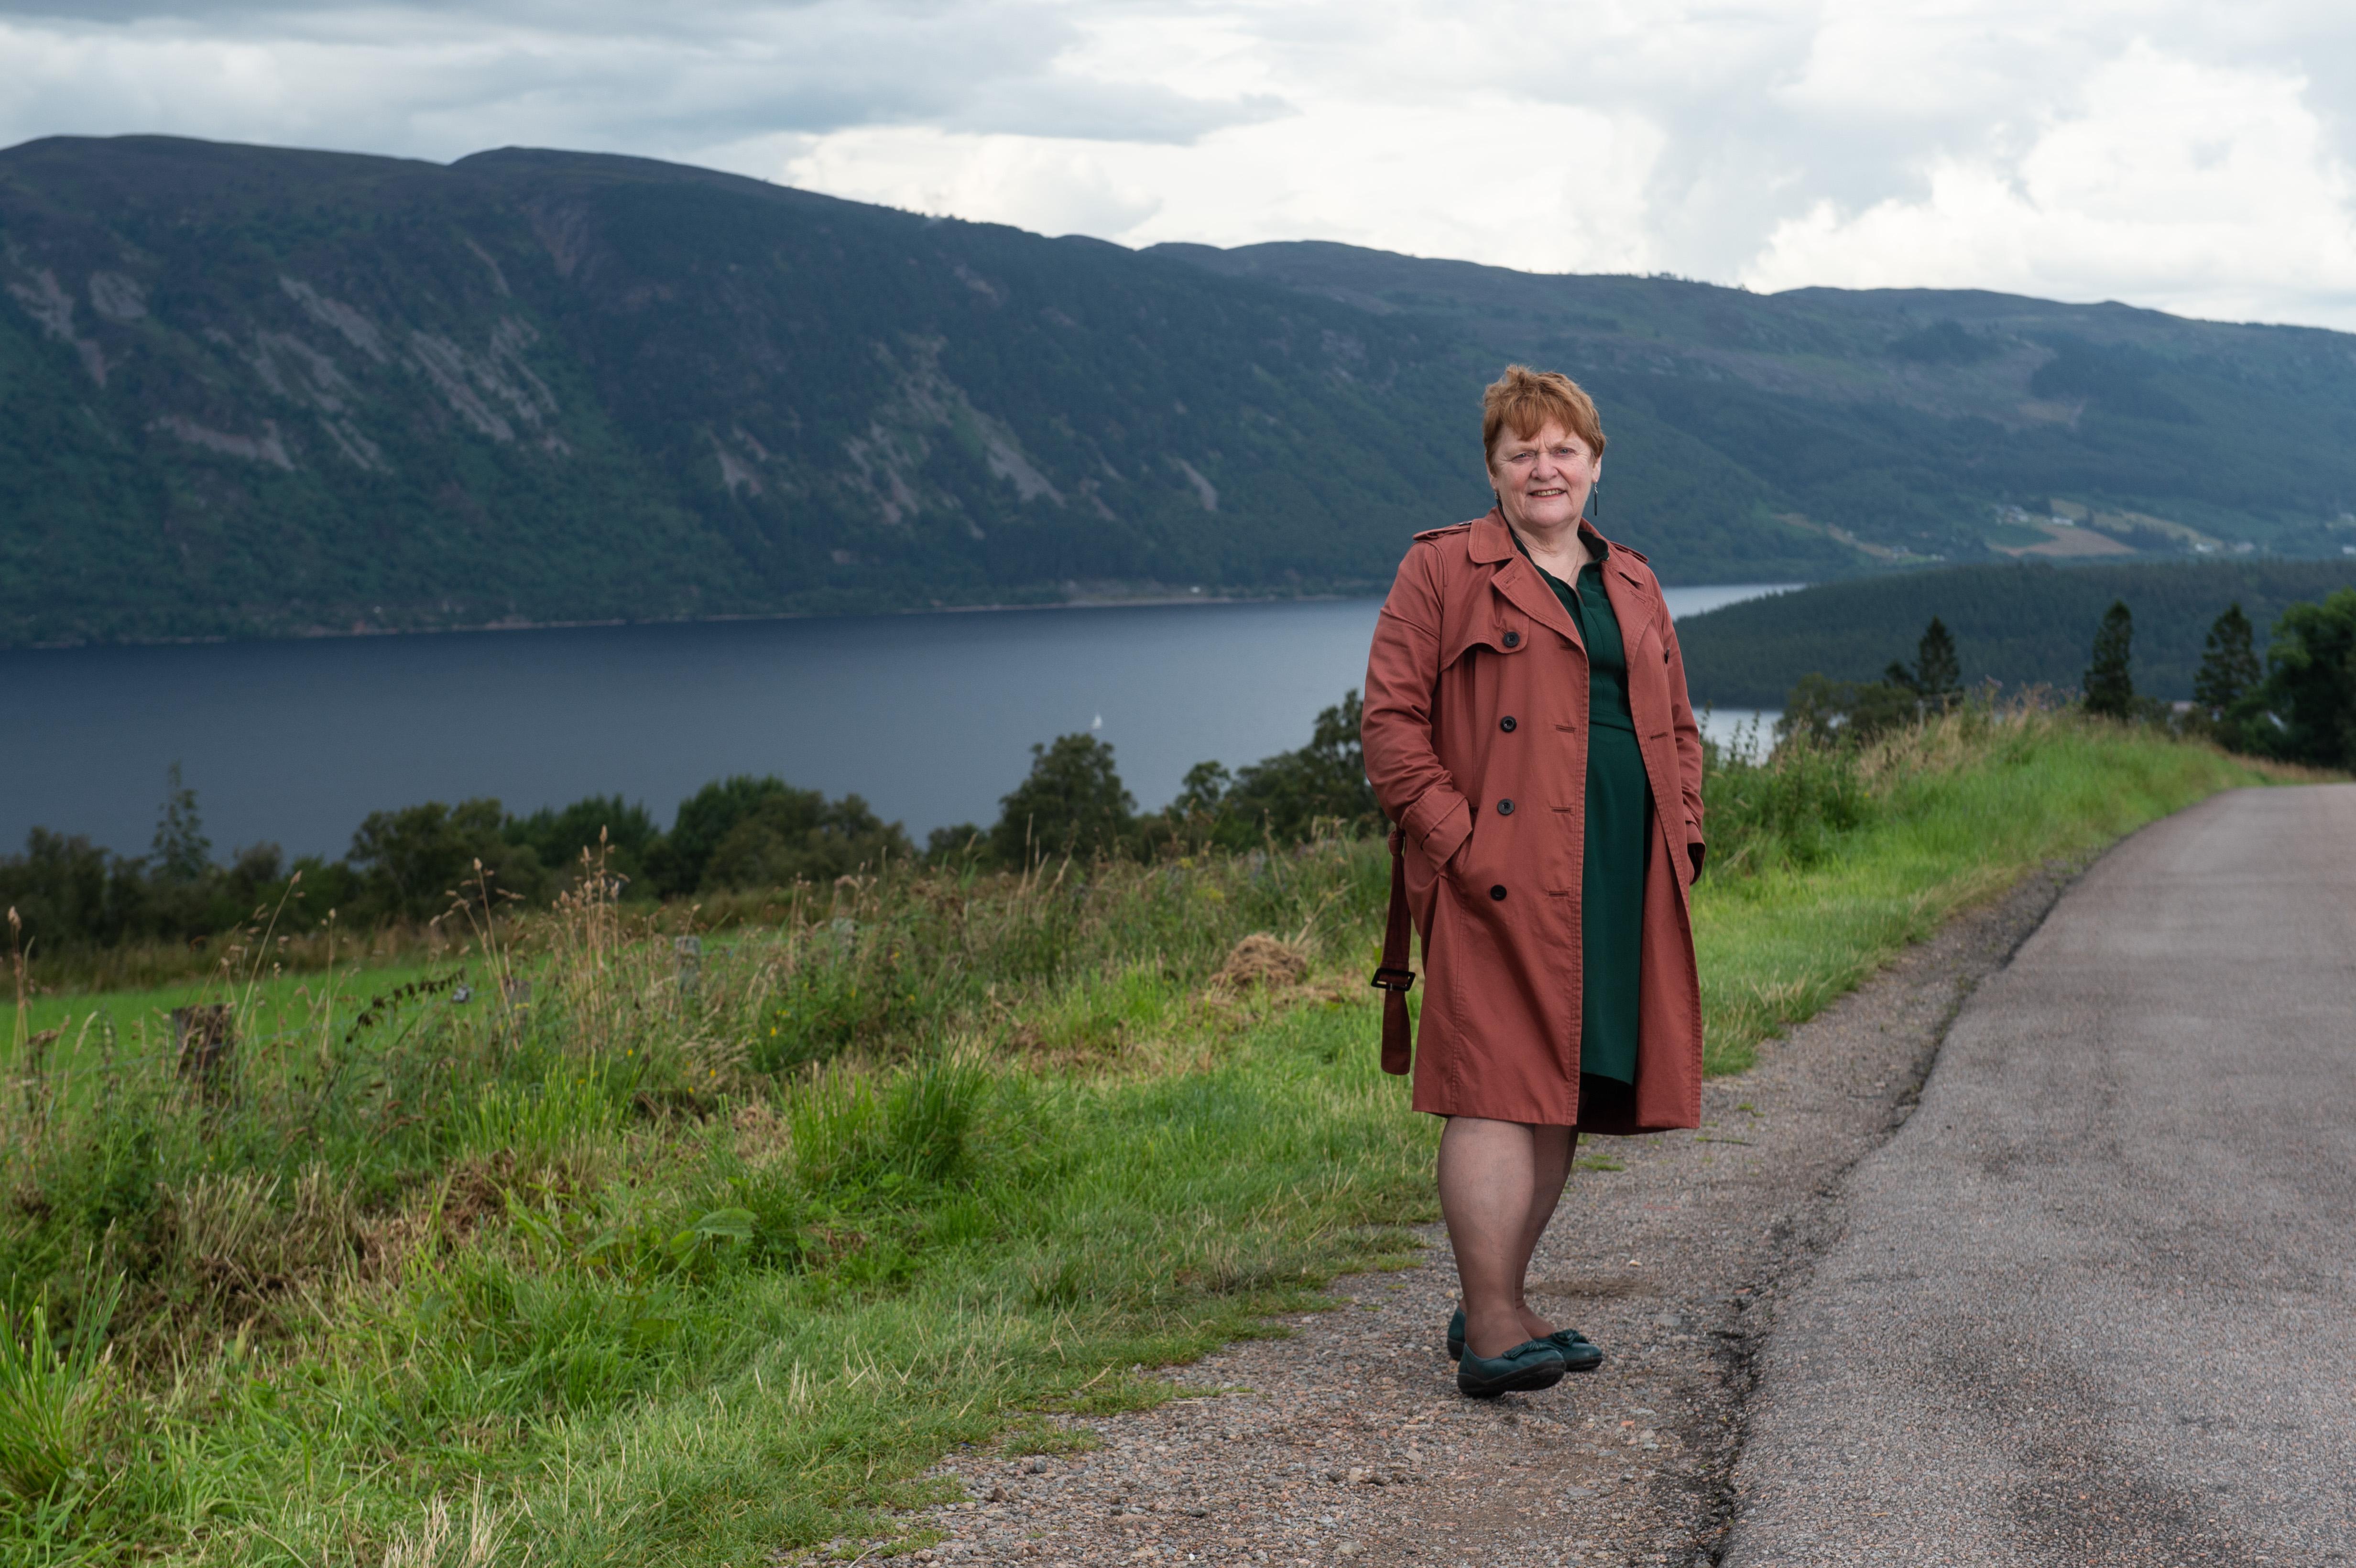 Council Leader Margaret Davidson